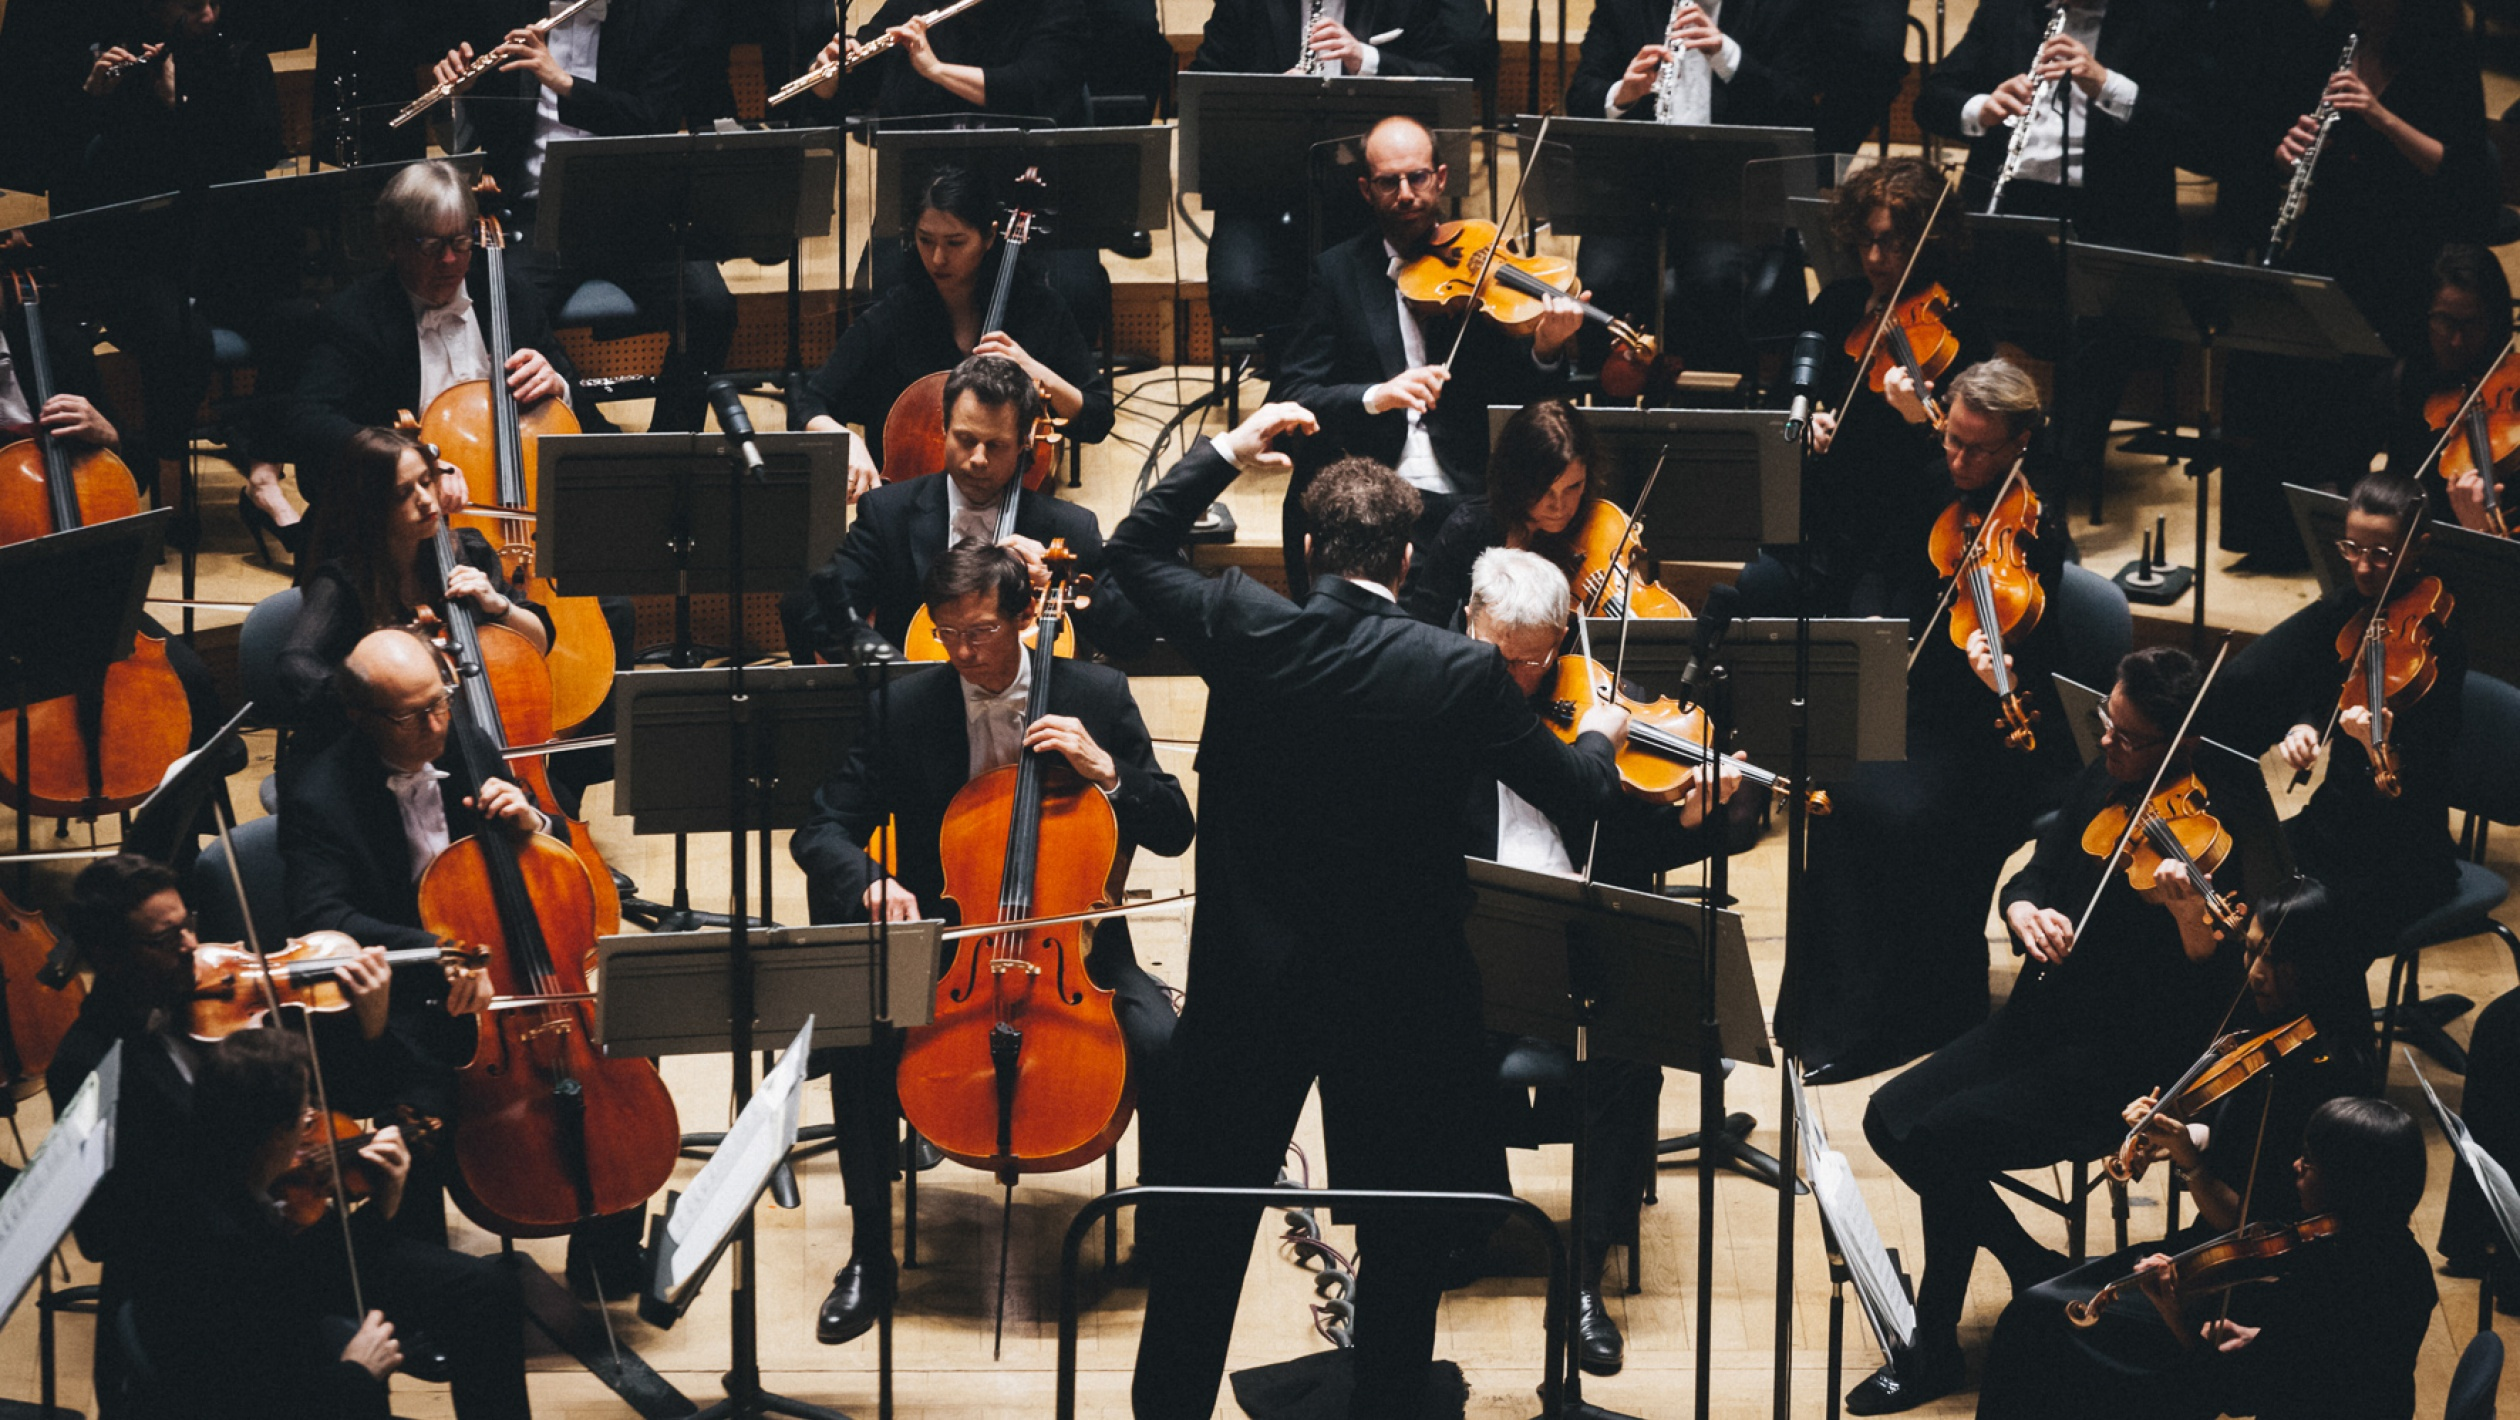 Symphonie héroïque en live - Auditorium - Orchestre National de Lyon